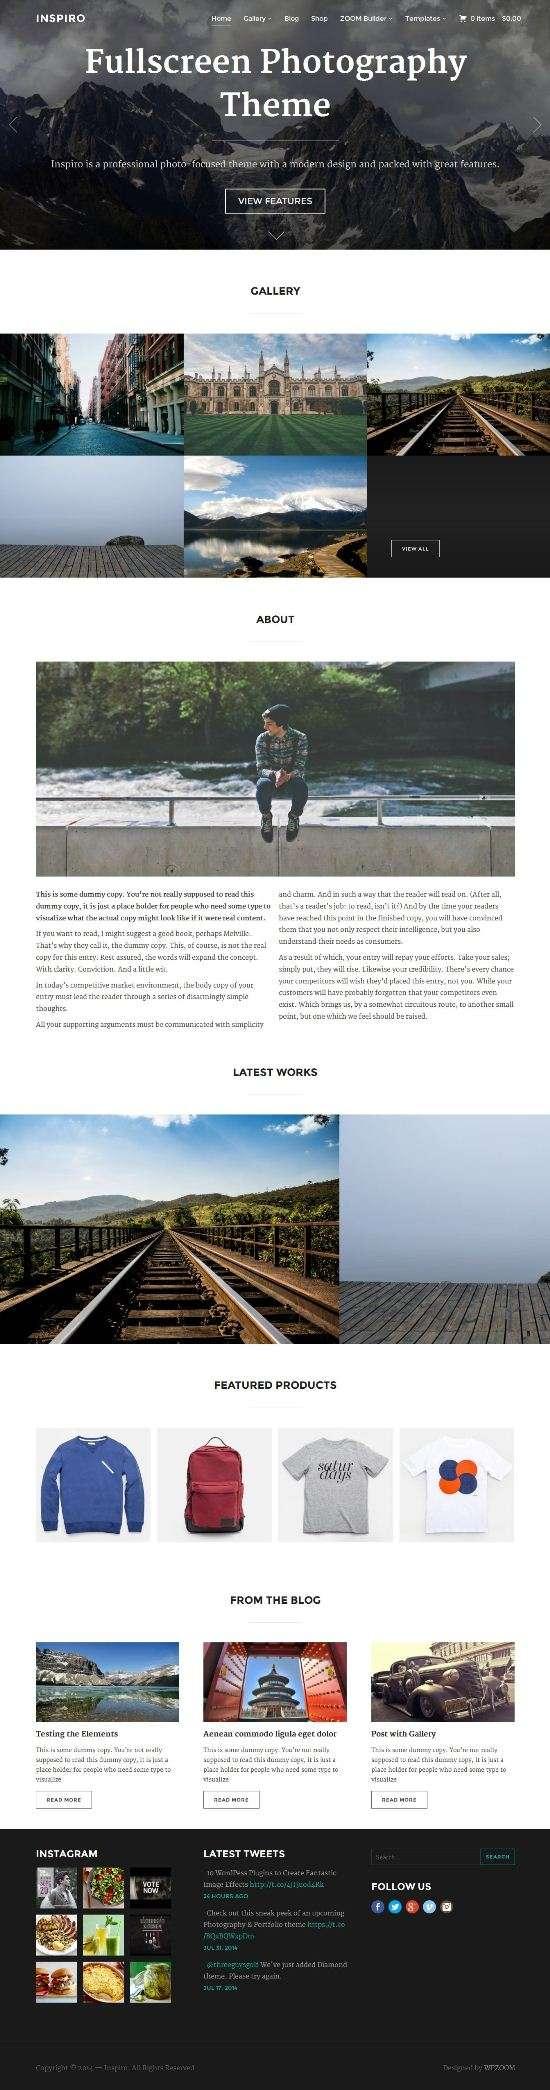 inspiro wpzoom avjthemescom 01 - Inspiro Premium WordPress Theme